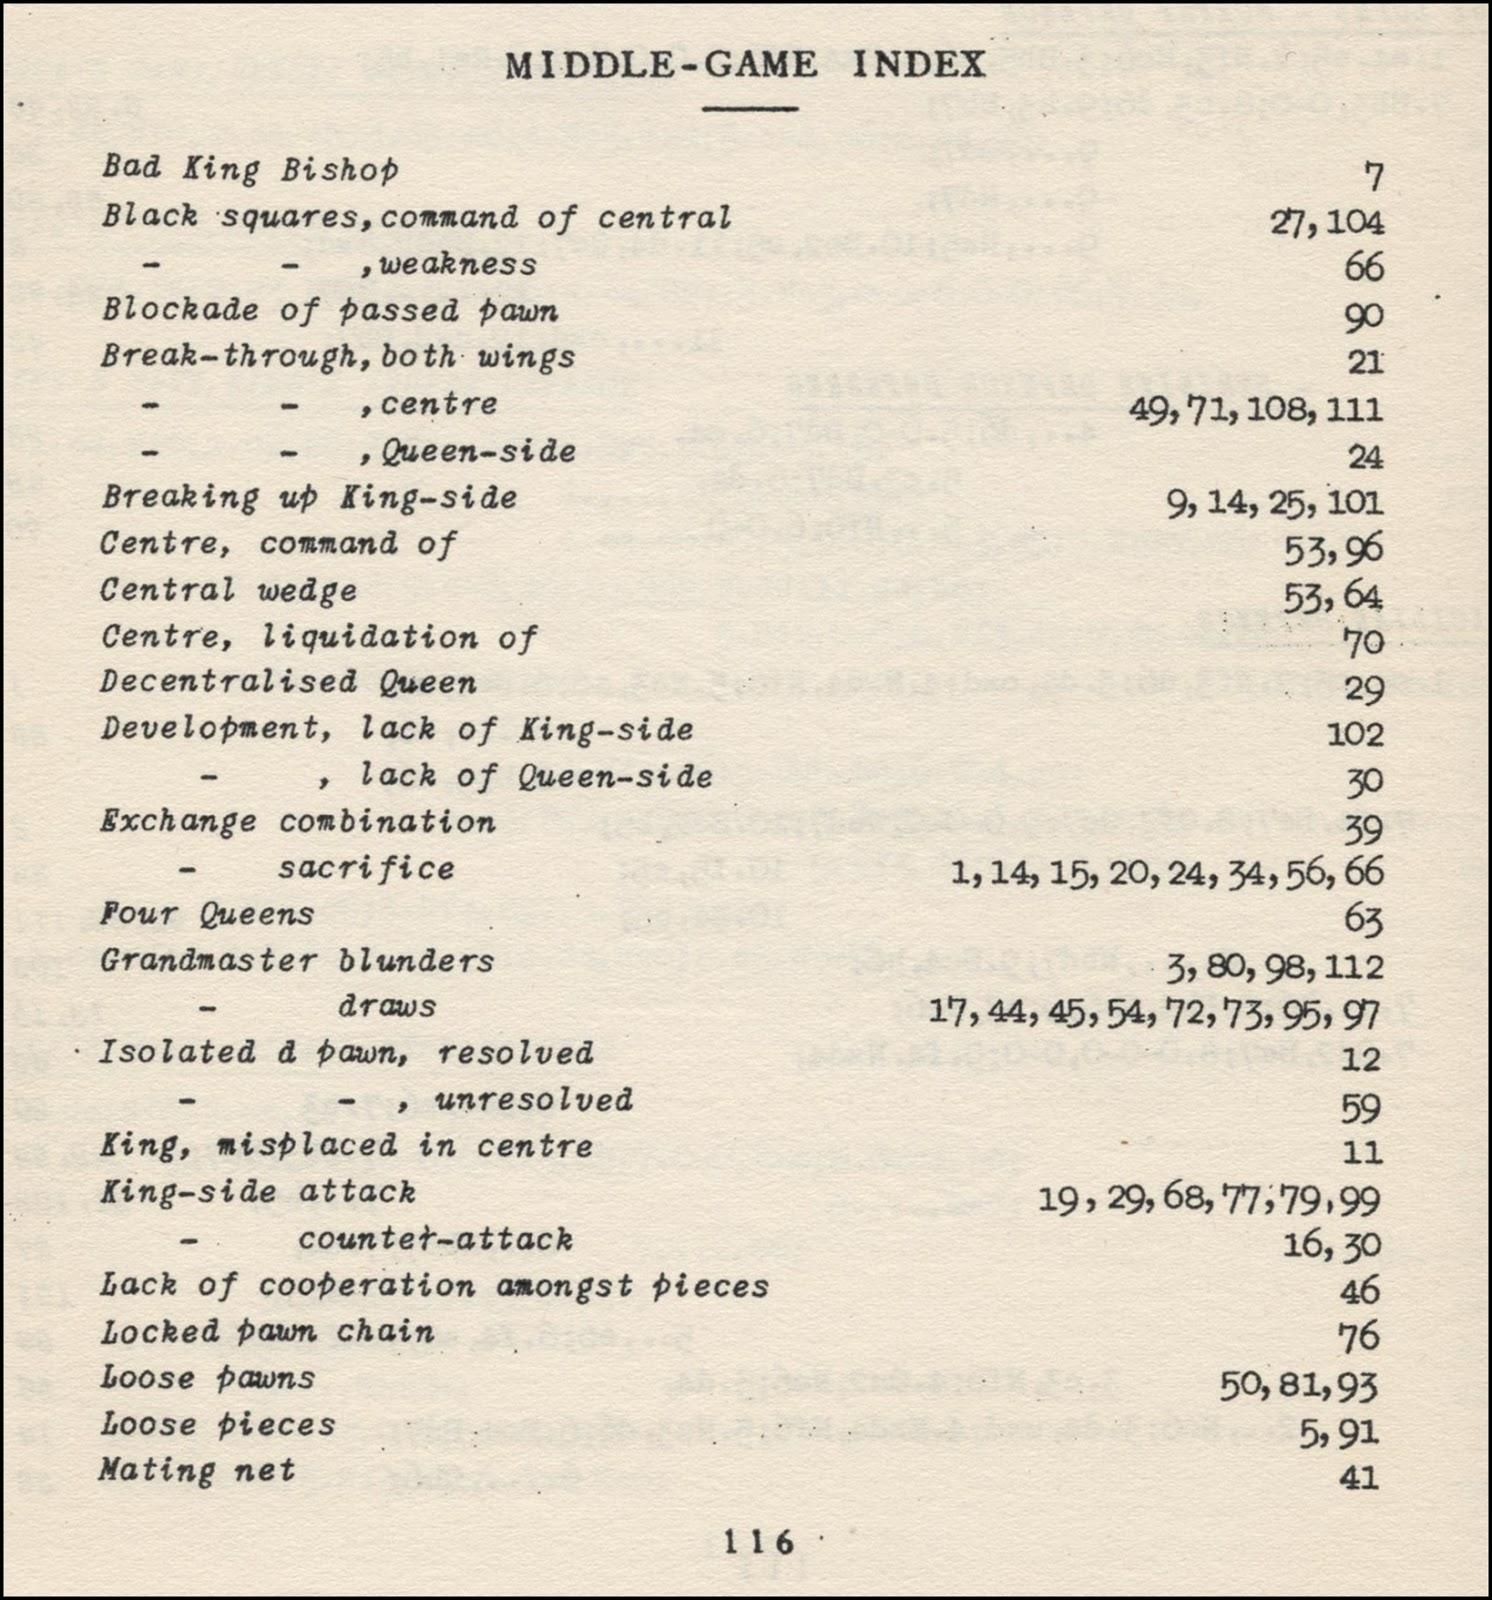 Bobby fischer chess book pdf